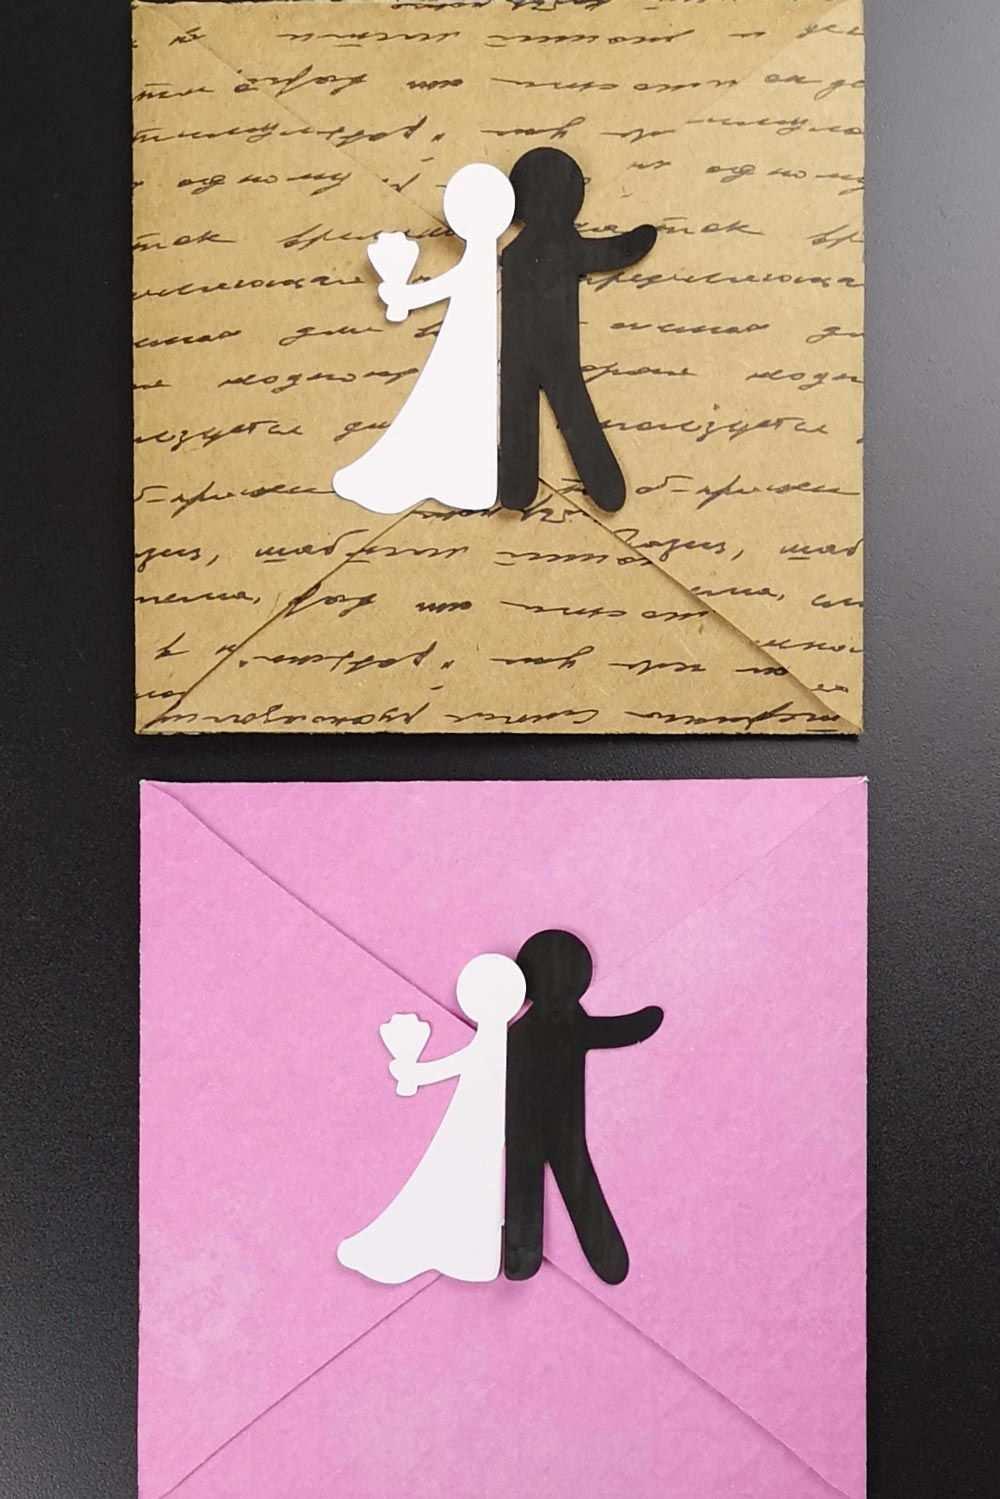 Bastelvorlage Plotterfreebie Fur Hochzeitskarte Mit Brautpaar Gluckwunschkarte Zur Hochzeit Mit Einem Hochzeitskarte Basteln Gluckwunschkarte Karte Hochzeit